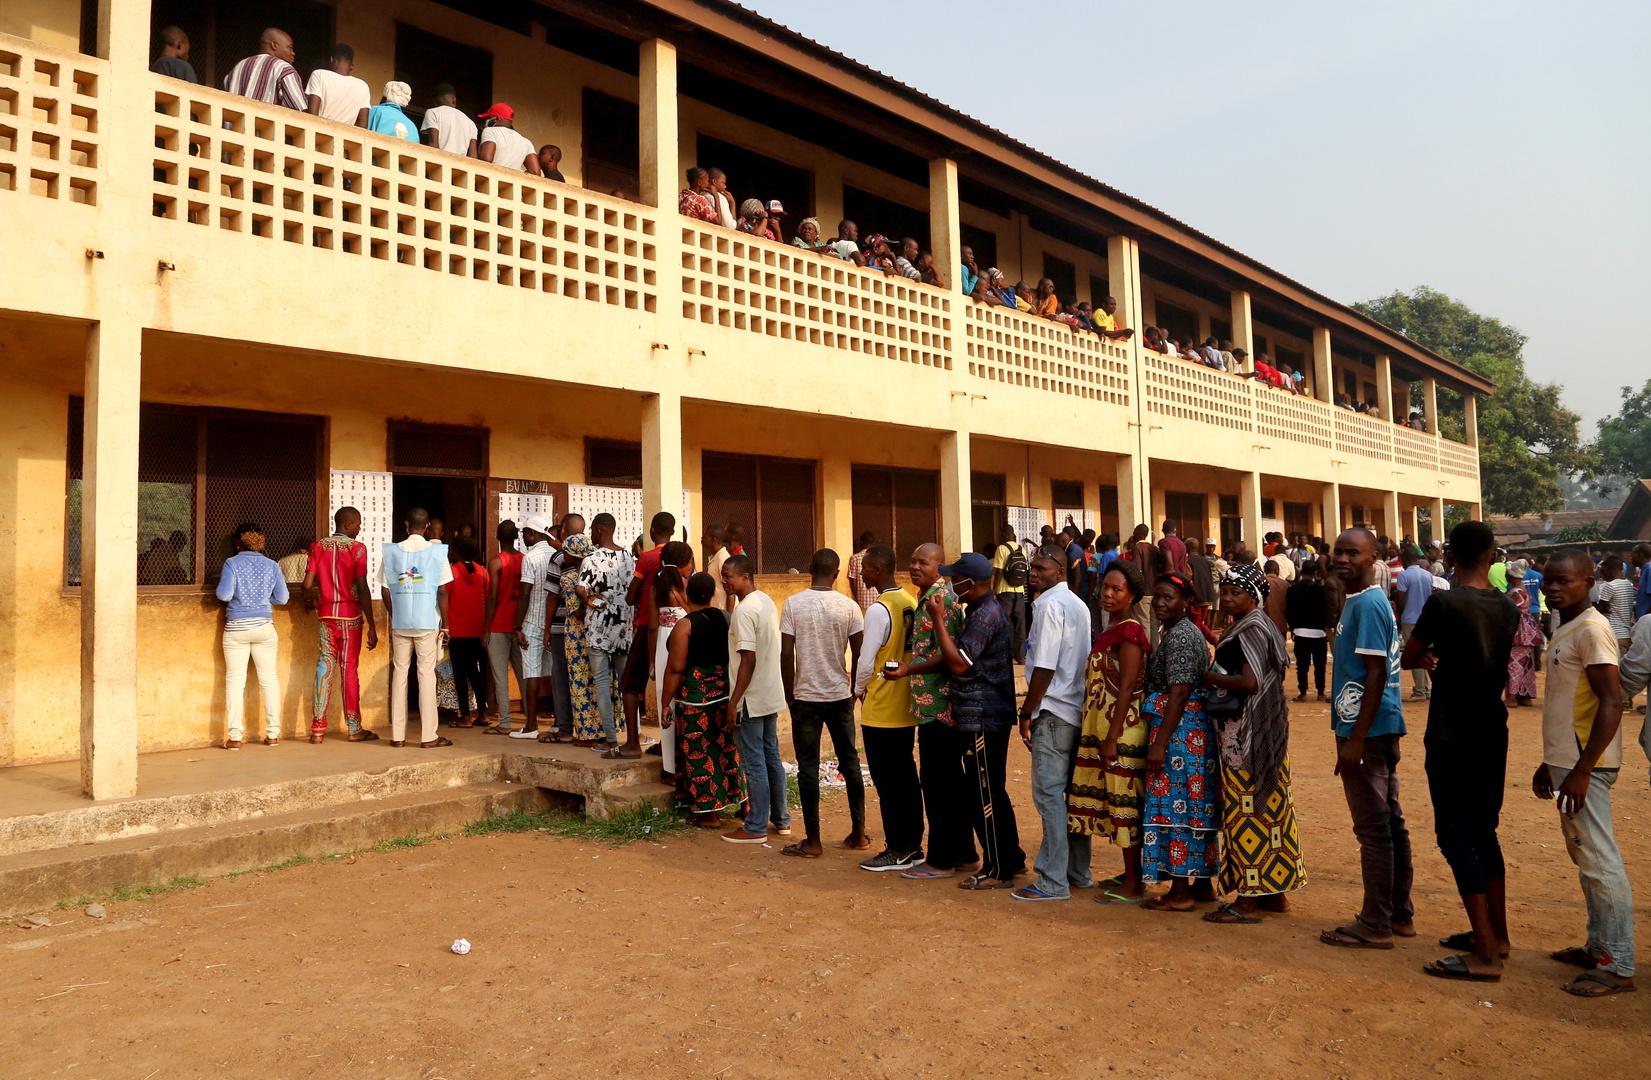 إفريقيا الوسطى.. متمردون يقتحمون بلدة بانجاسو على حدود الكونغو